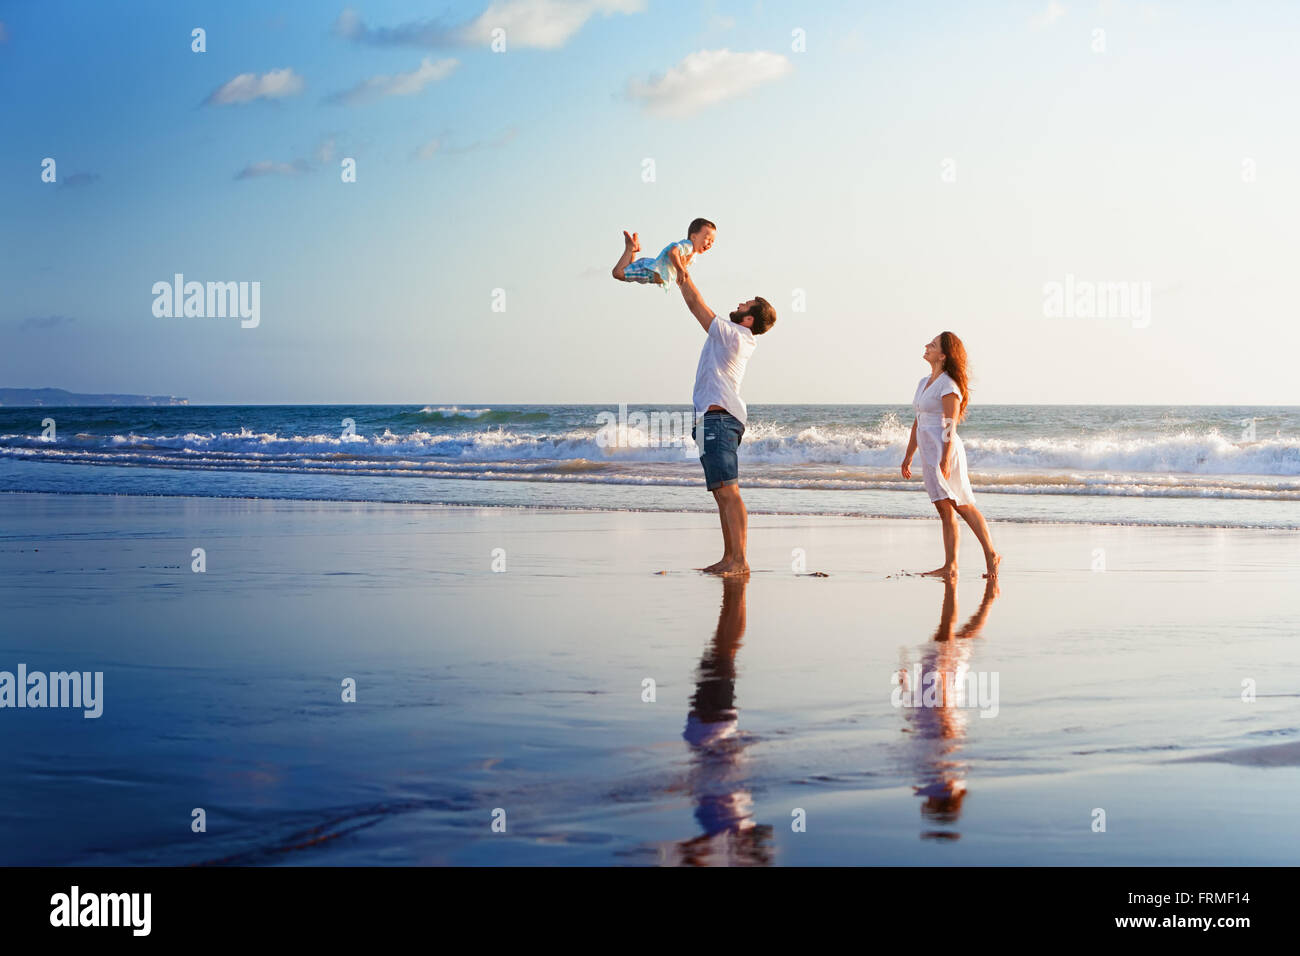 Happy Family - père, mère, fils bébé marche avec plaisir le long du bord de mer au coucher du soleil sur la plage Banque D'Images